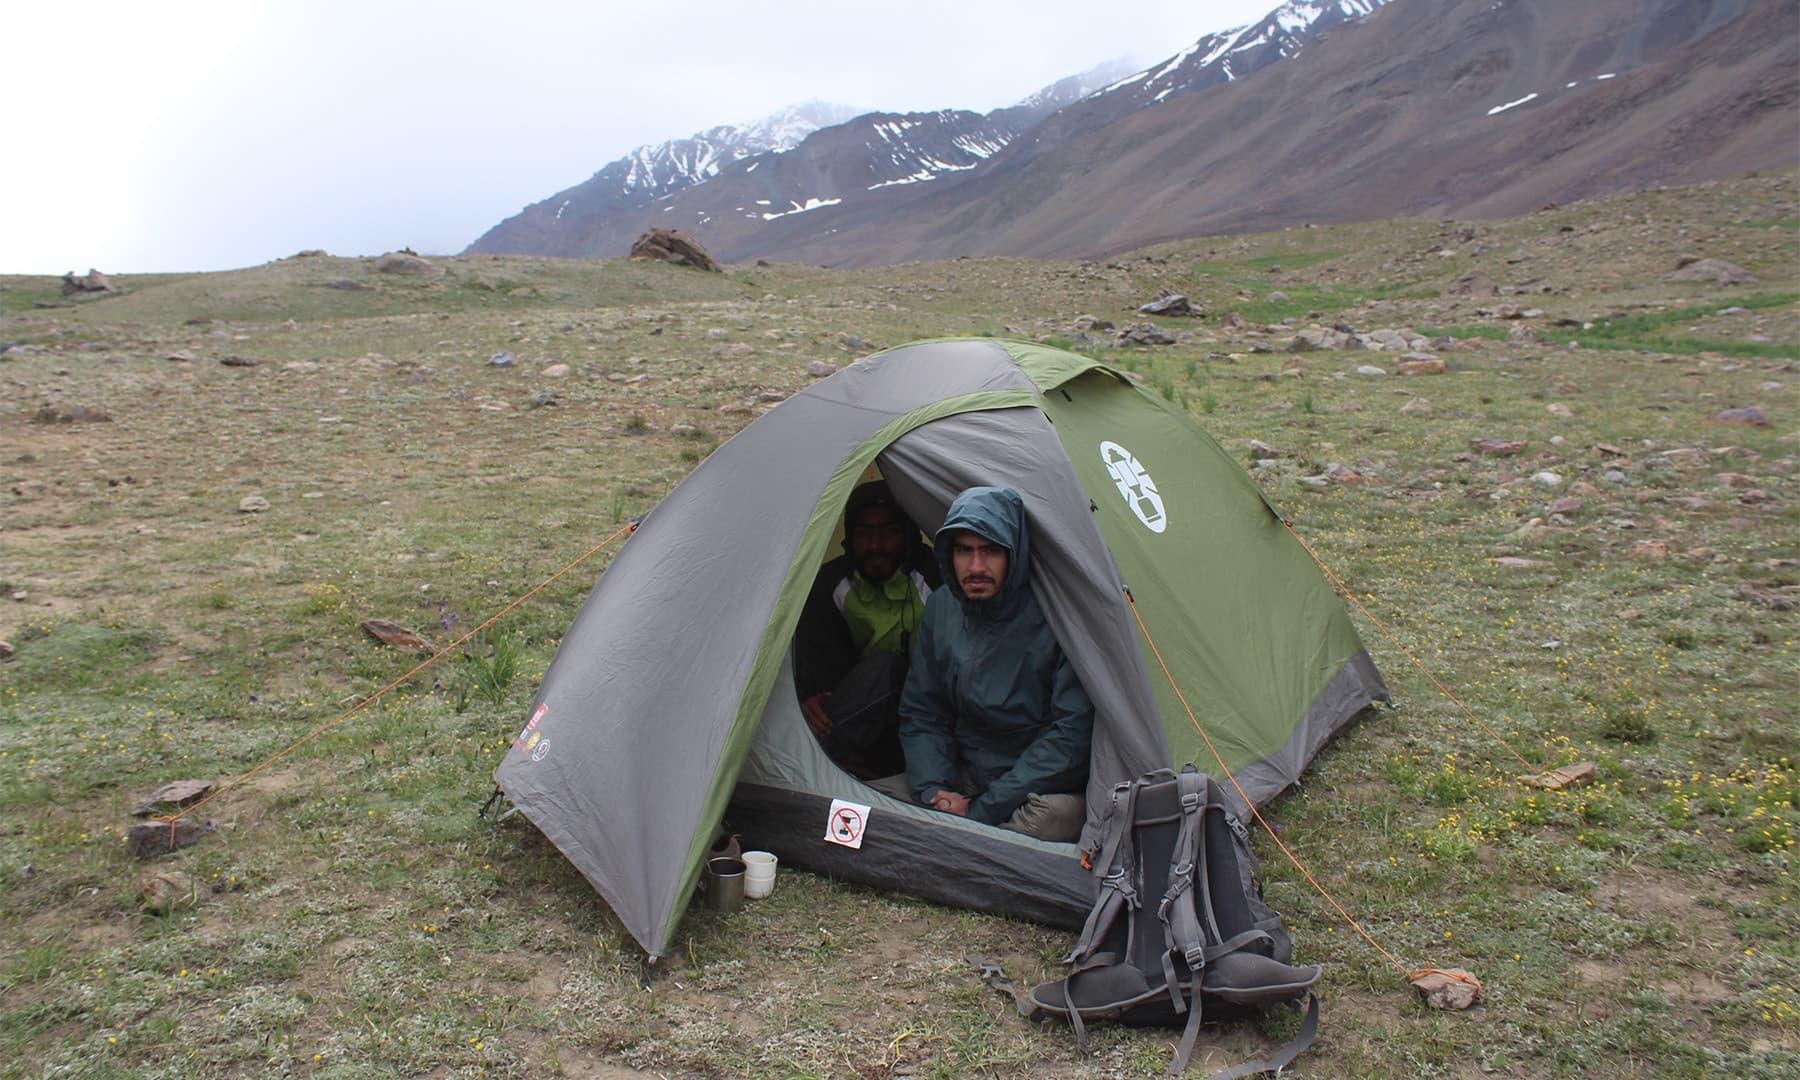 راولپنڈی سے آئے سیاحوں کا کیمپ